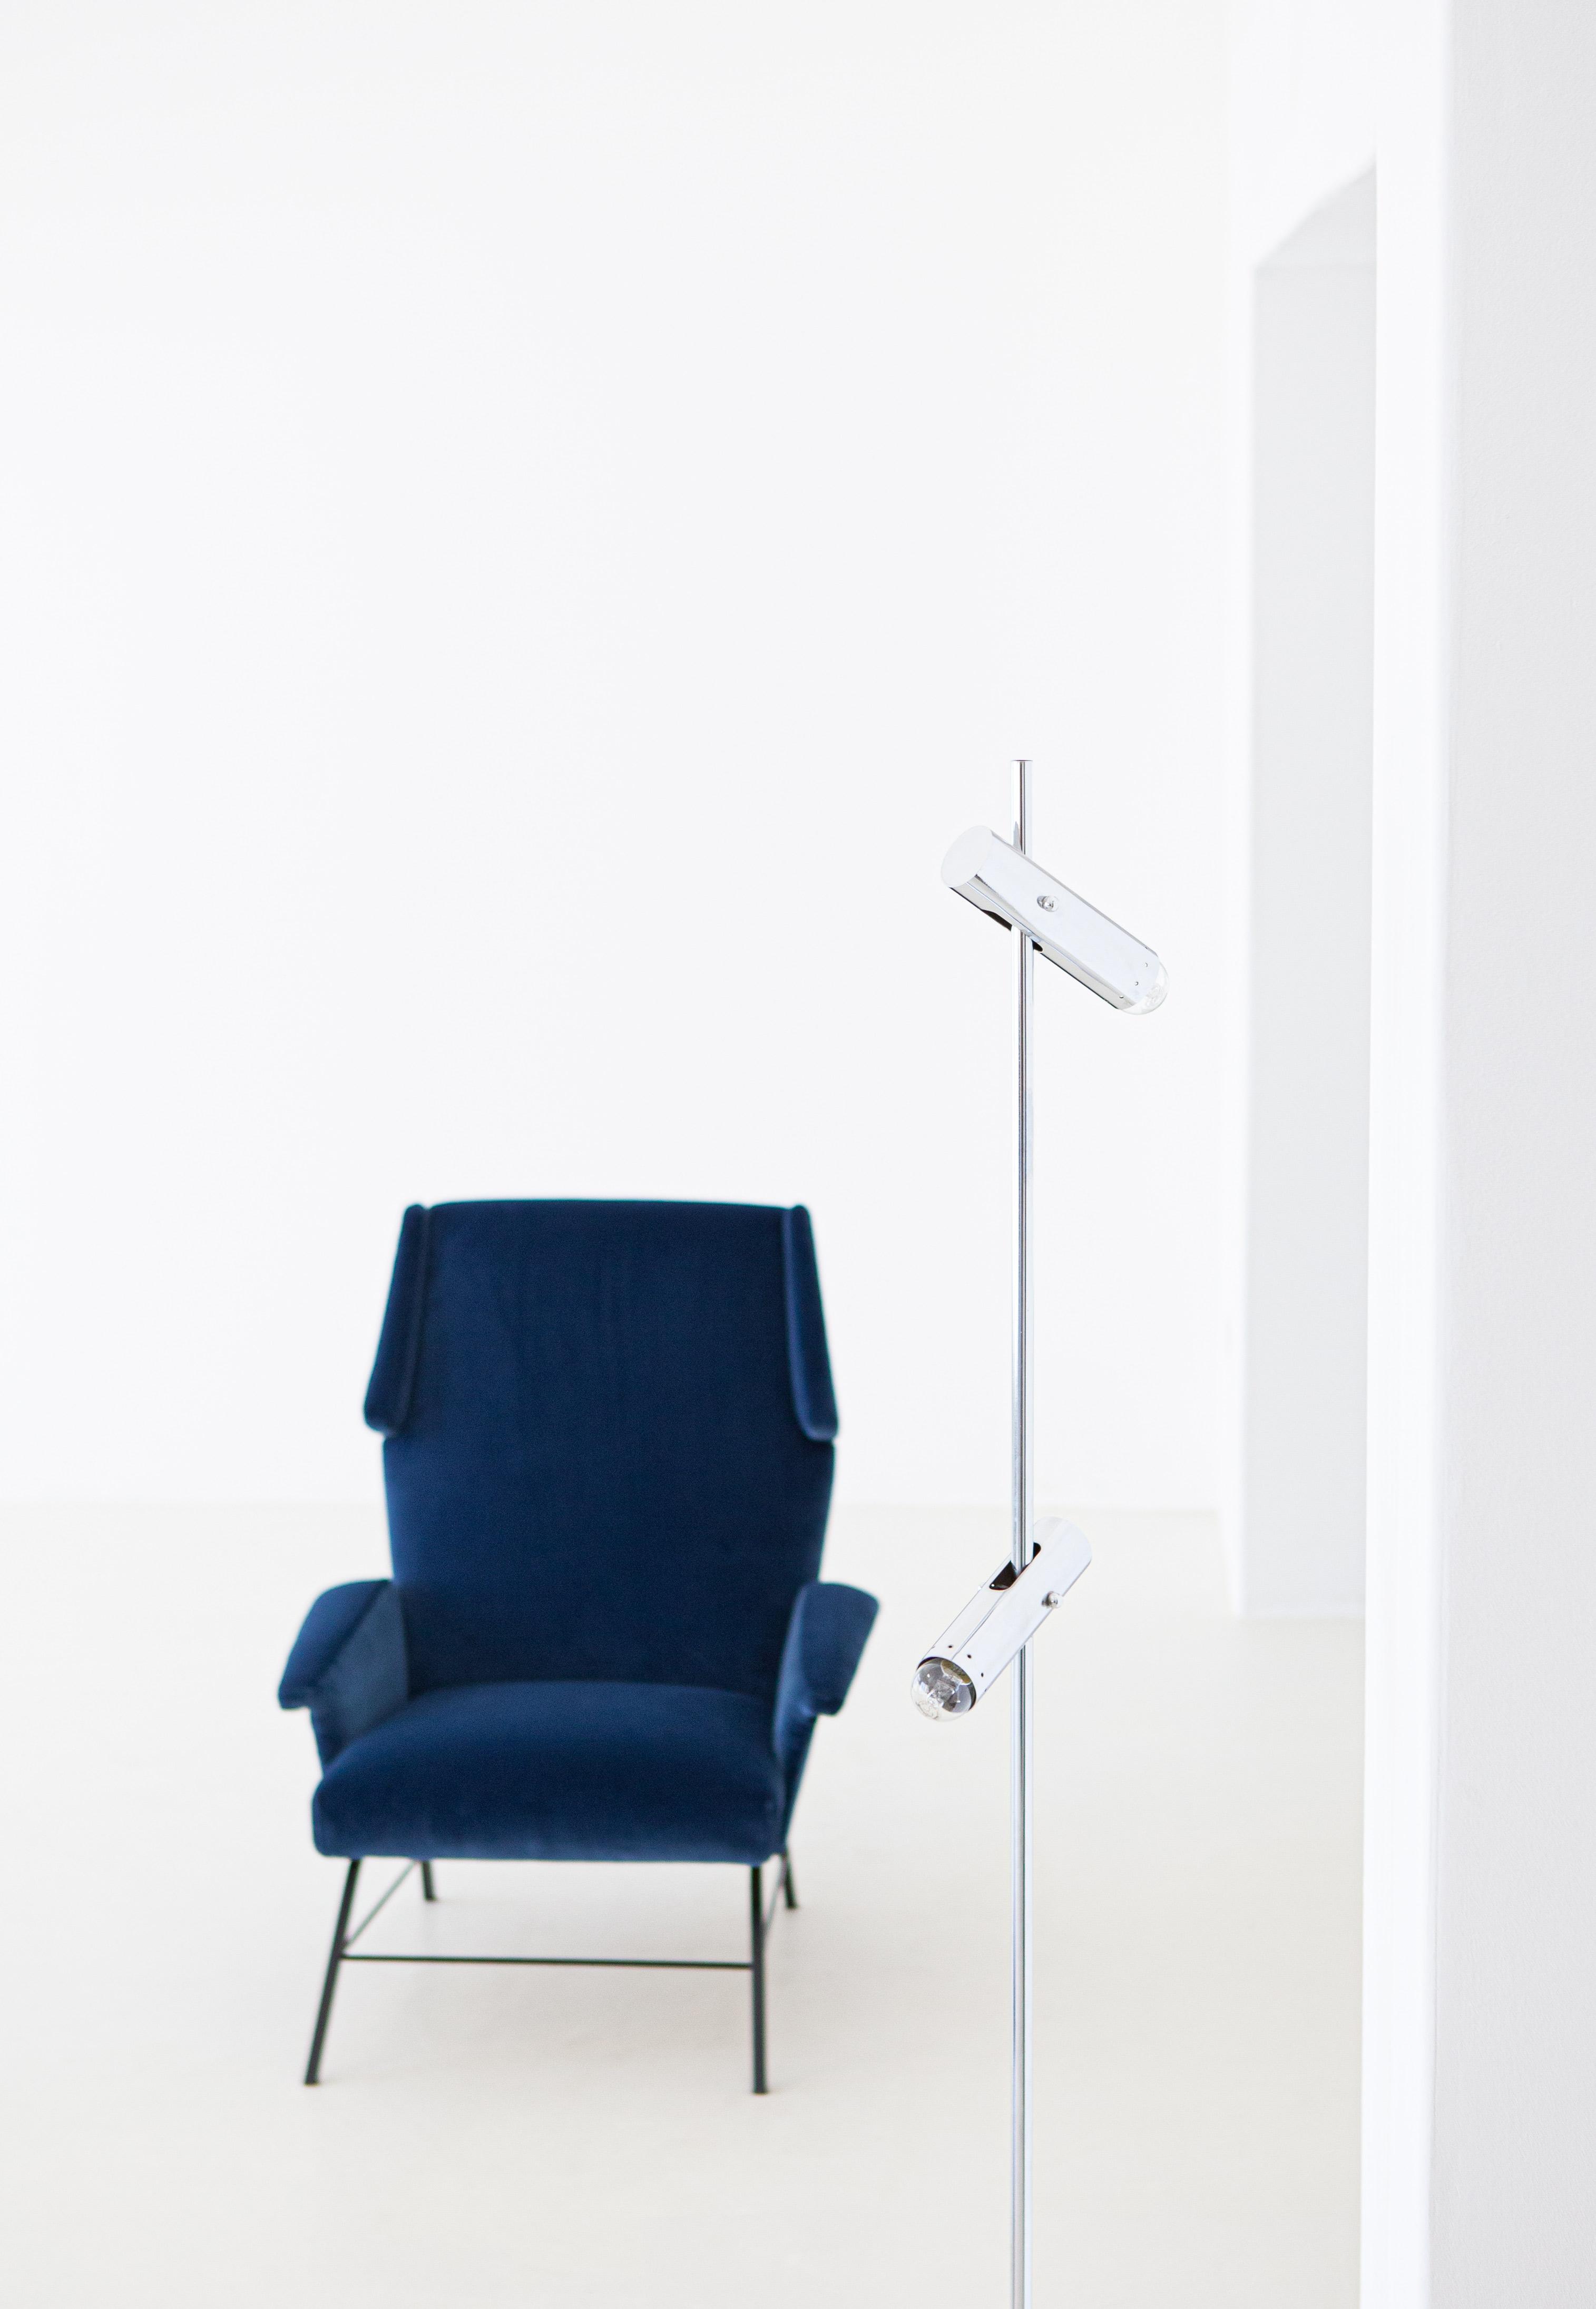 1950s-italian-blue-velvet-lounge-armchair-5-se304